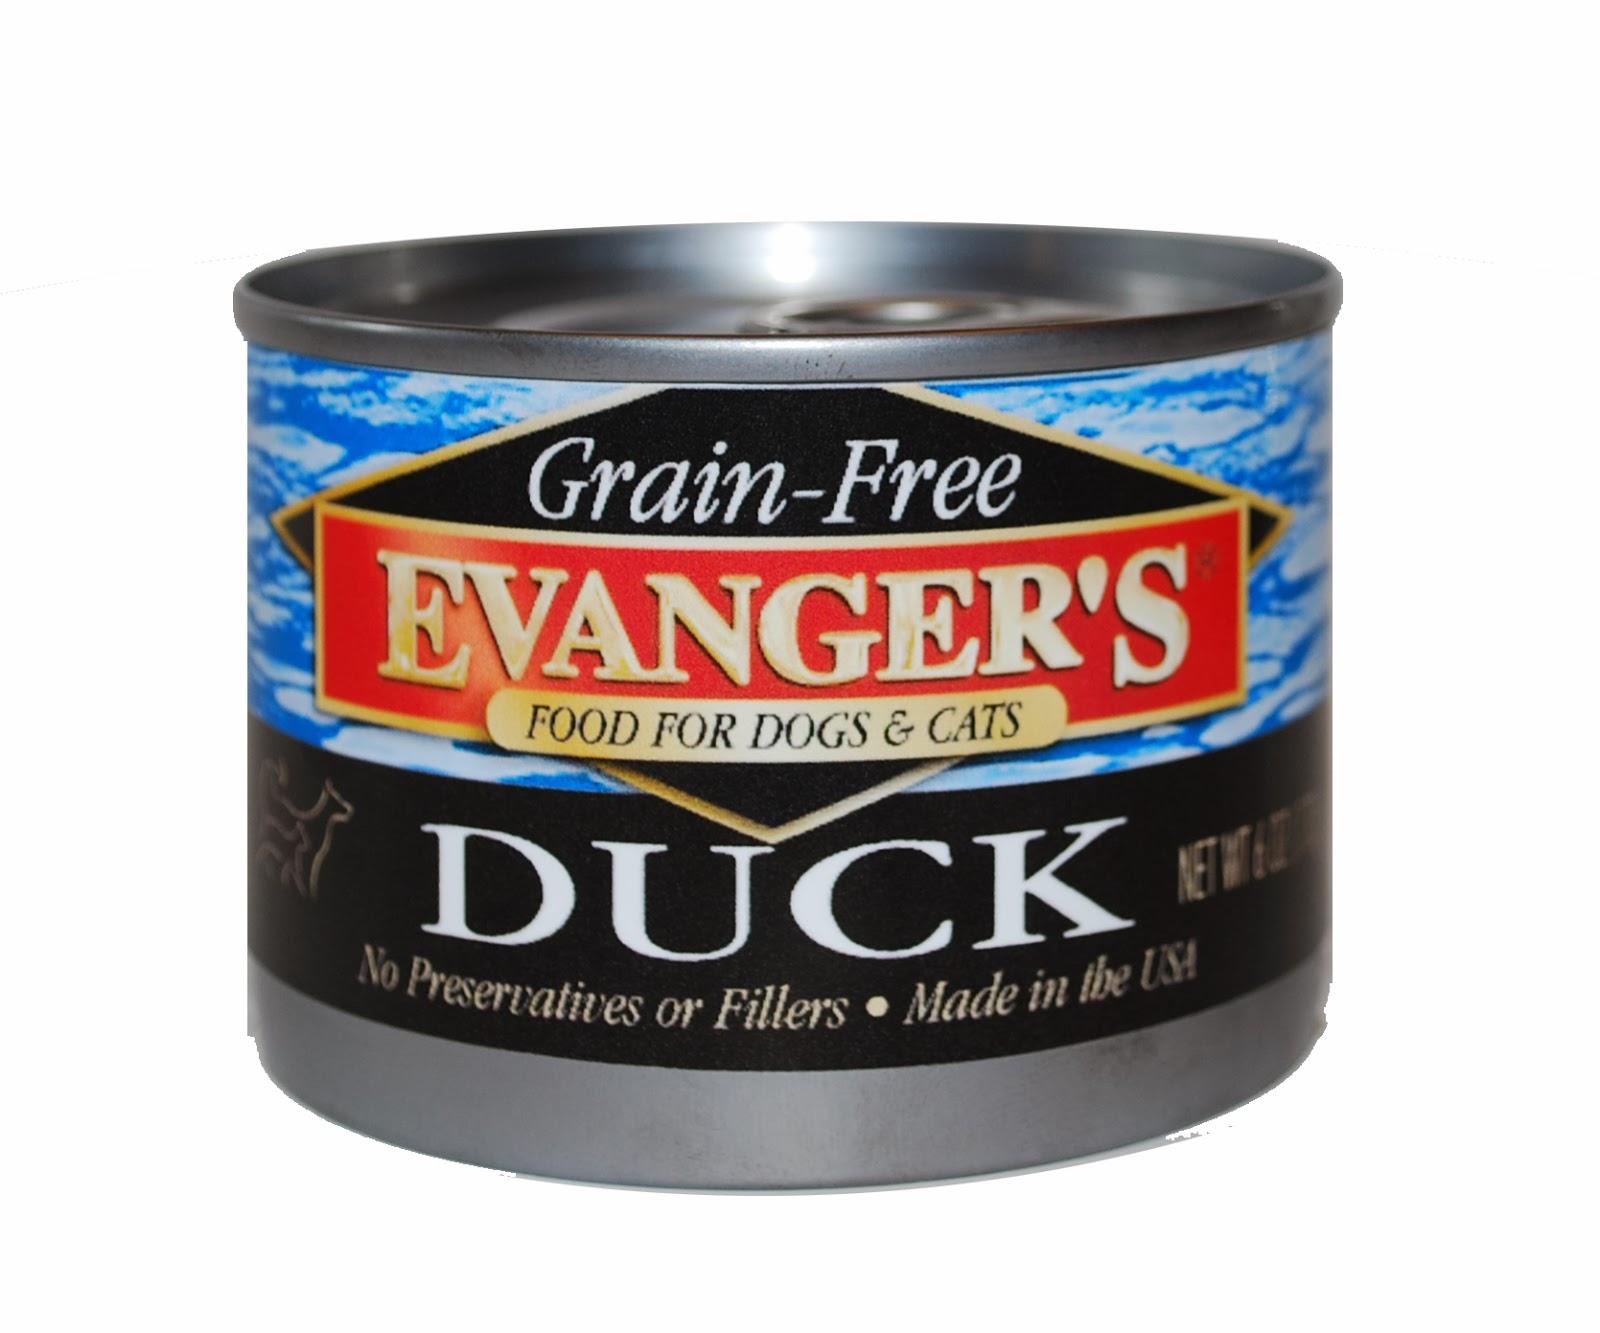 Evanger's Grain-Free Duck